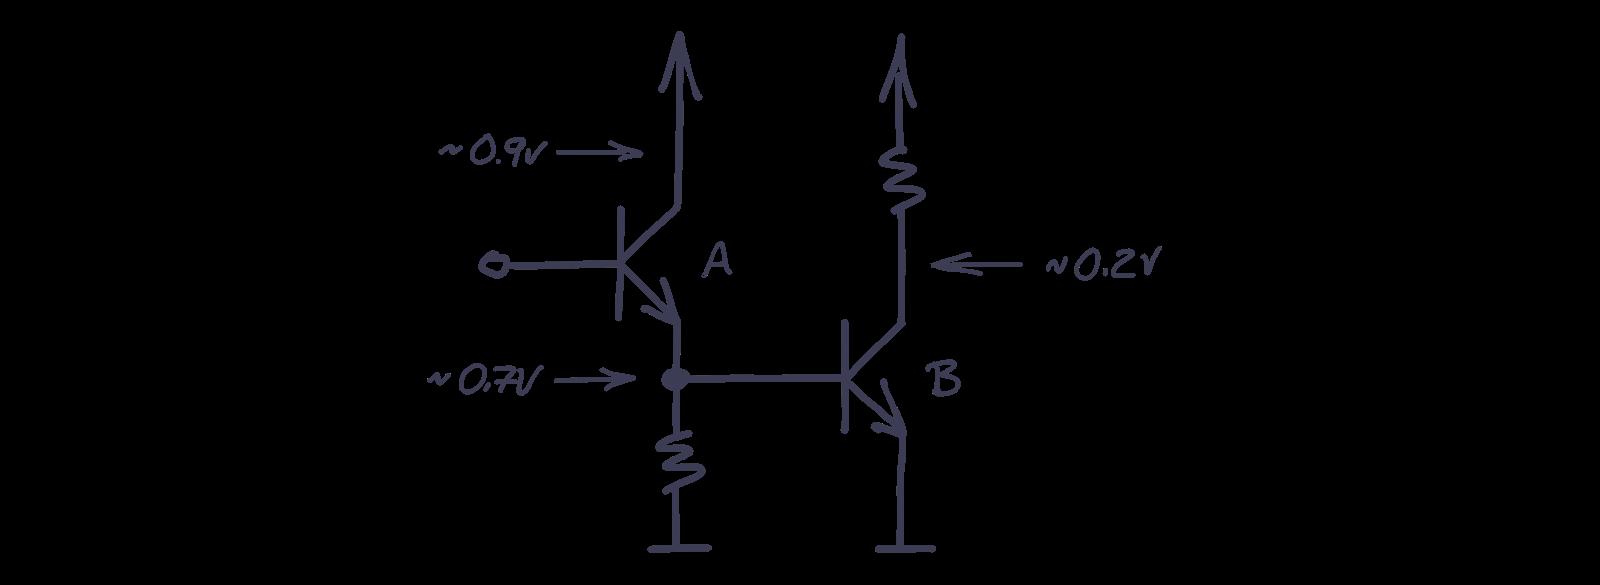 components_bjt-darlington-04.png